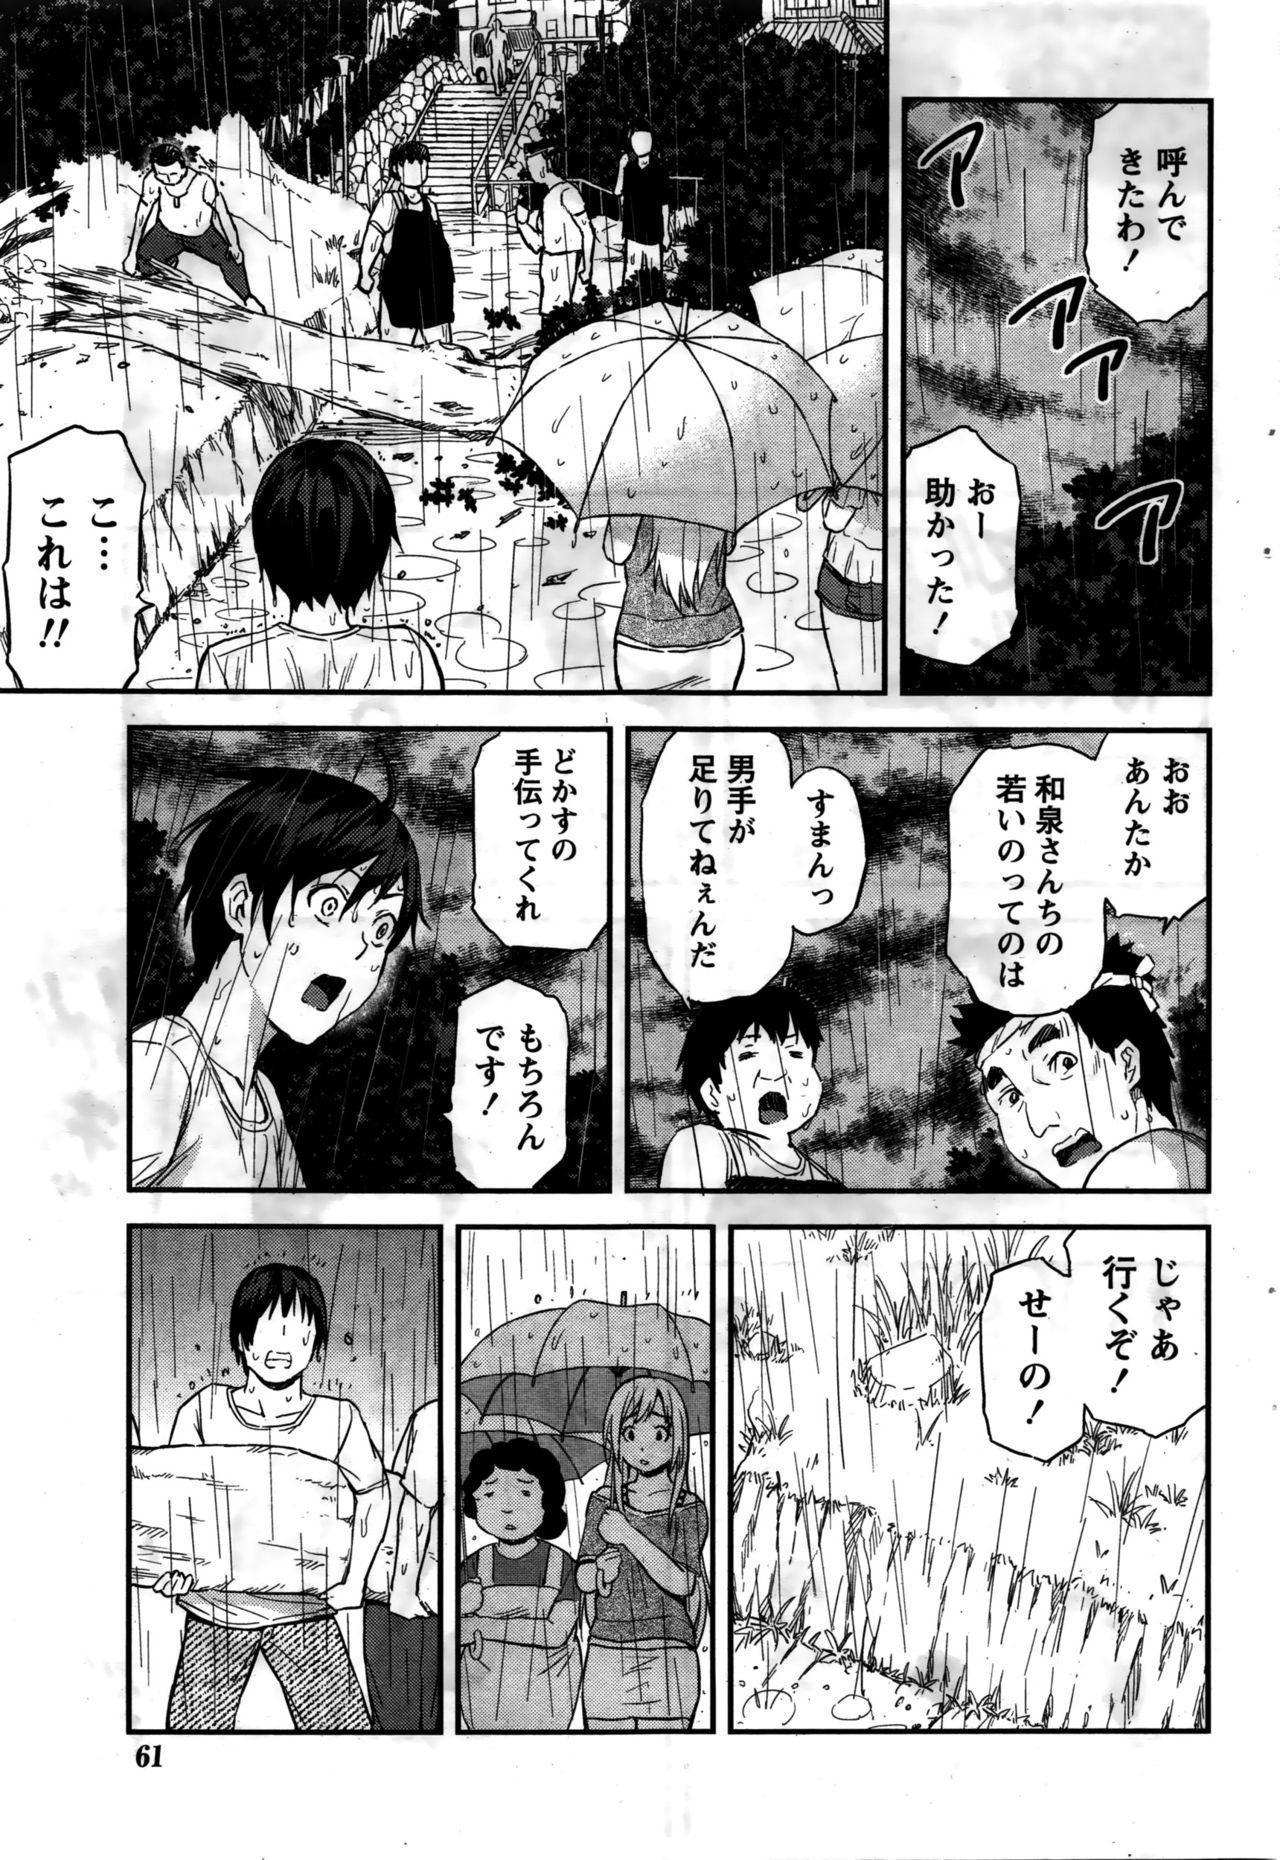 [Higashino Mikan] Atsumujima no Megumi-sama - Goddess of Atsumu-Island 49